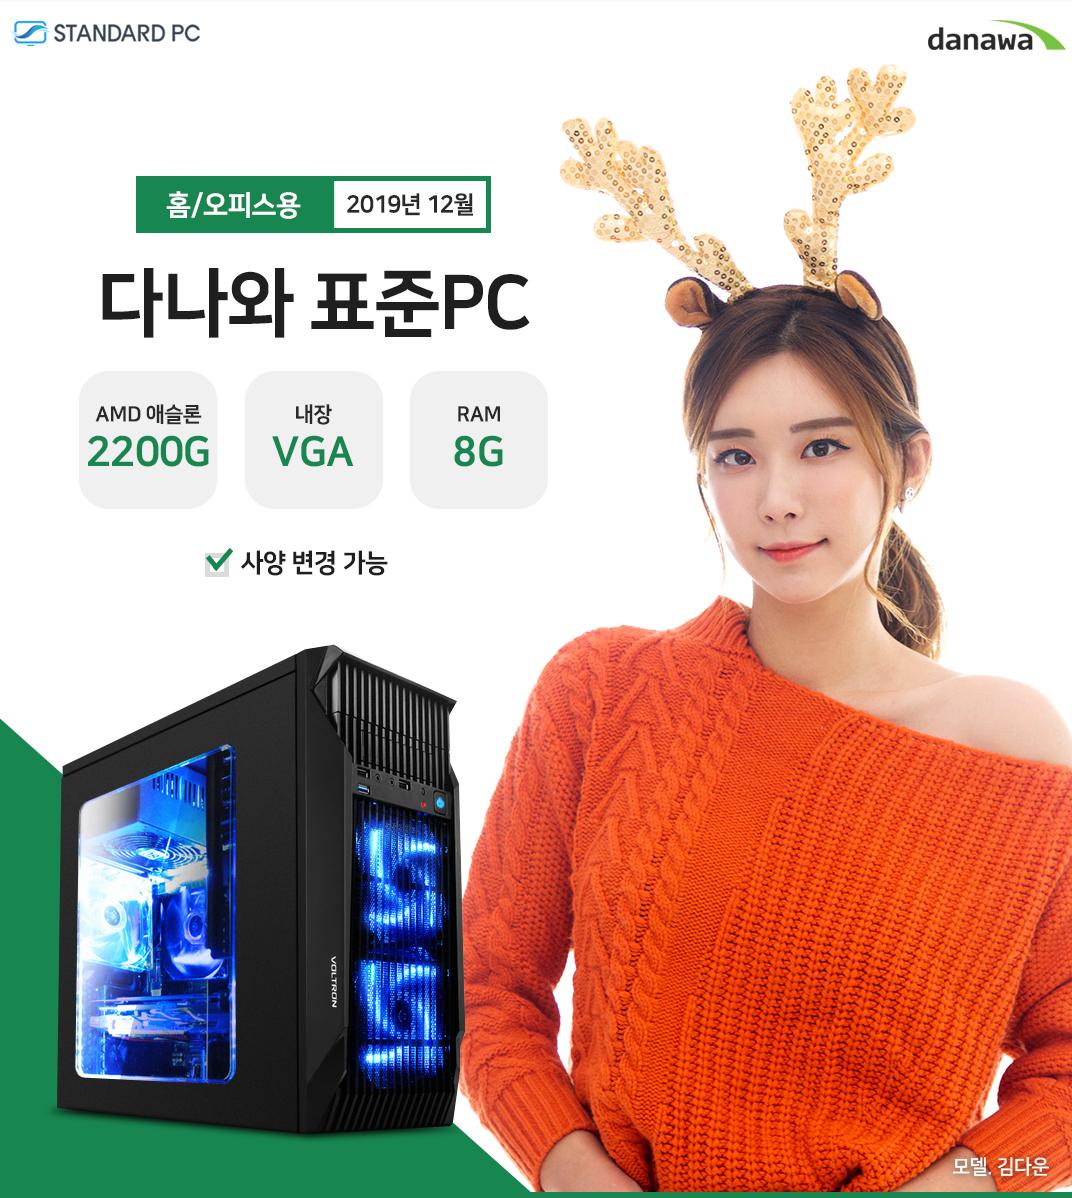 2019년 12월 다나와 표준PC 홈/오피스용 AMD 라이젠 3 2200G 내장 VGA RAM 4G 모델 김다운